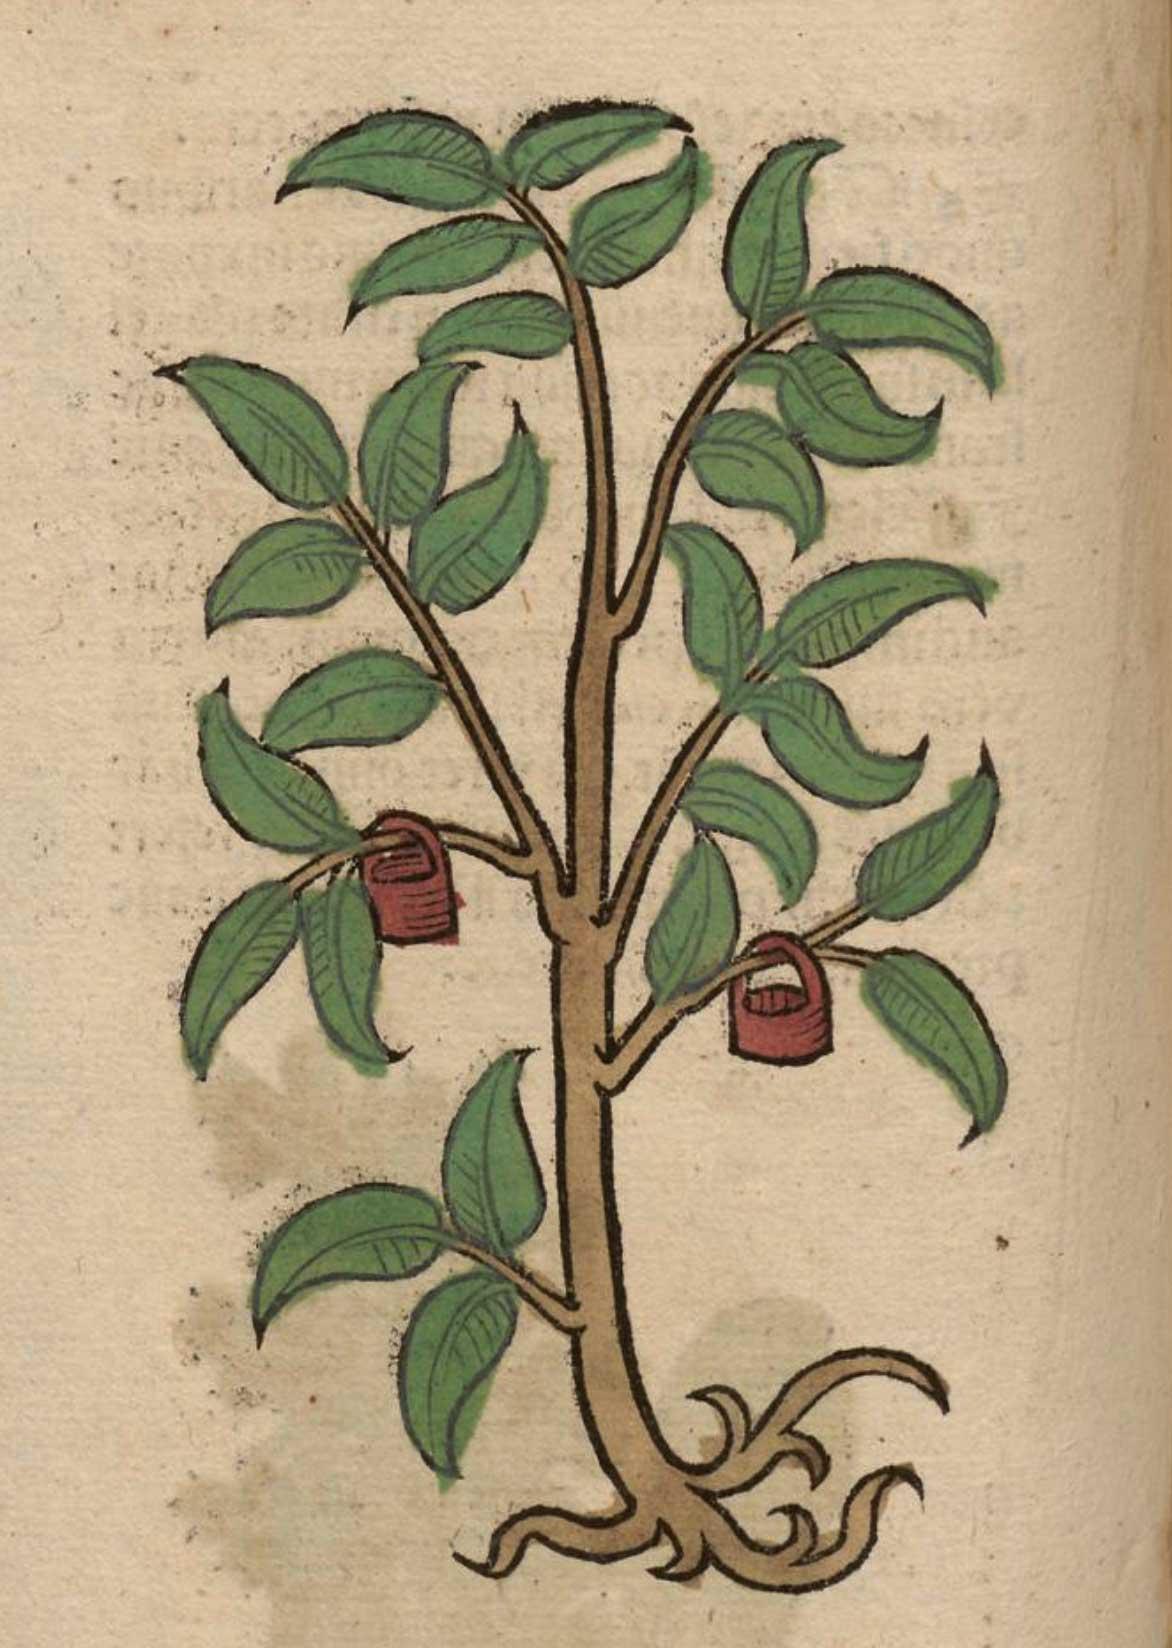 plantes tinctoriales médiévales